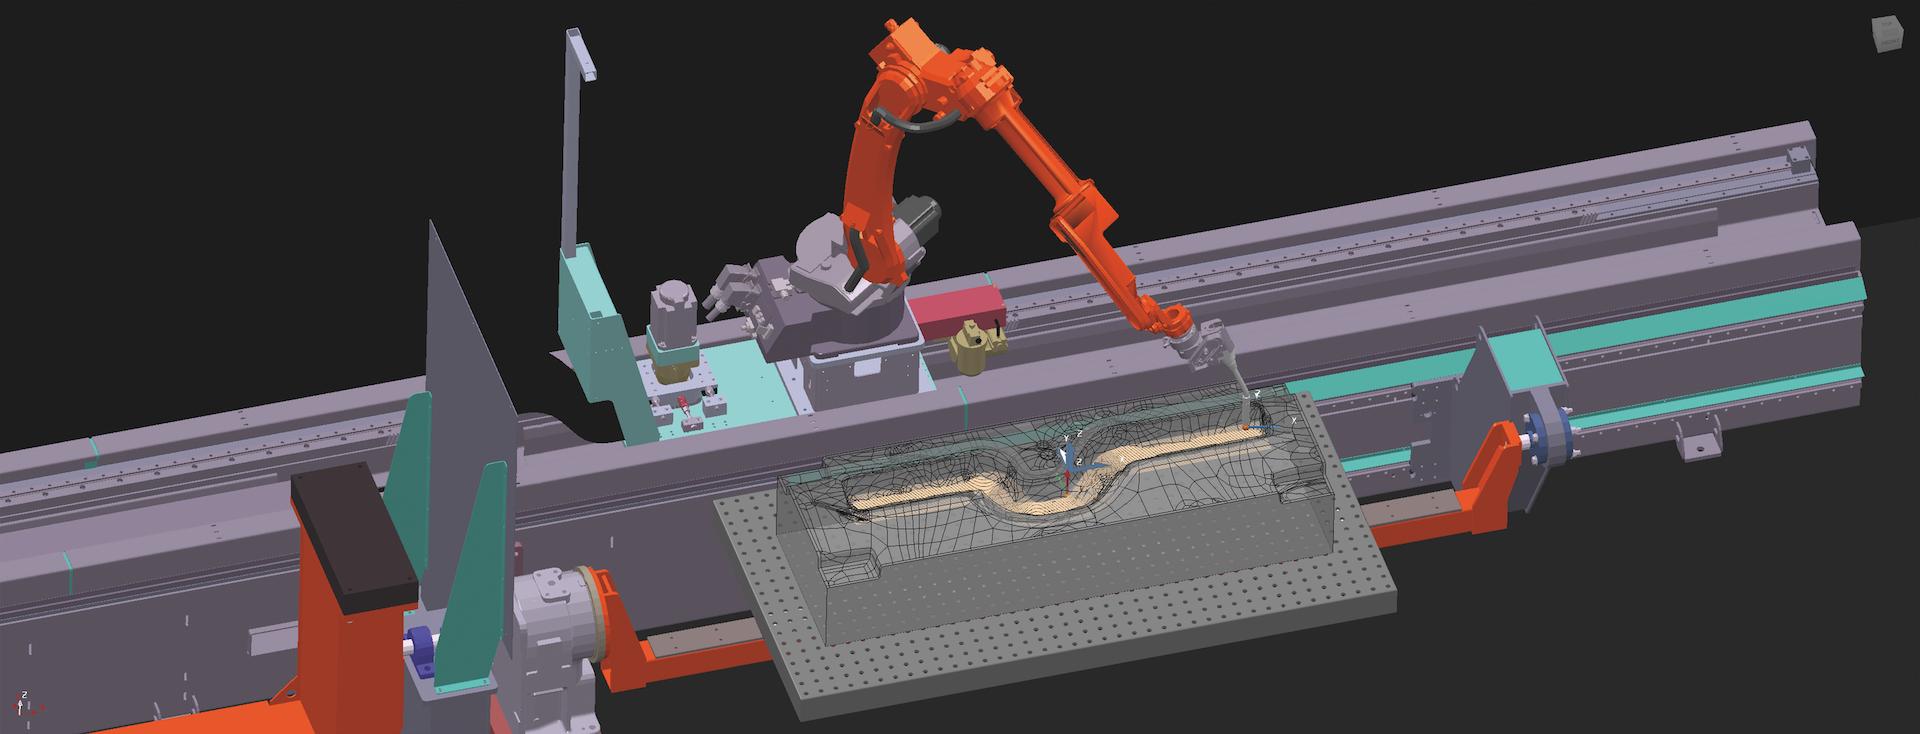 Repair WAAM DED welding path planning robot machine